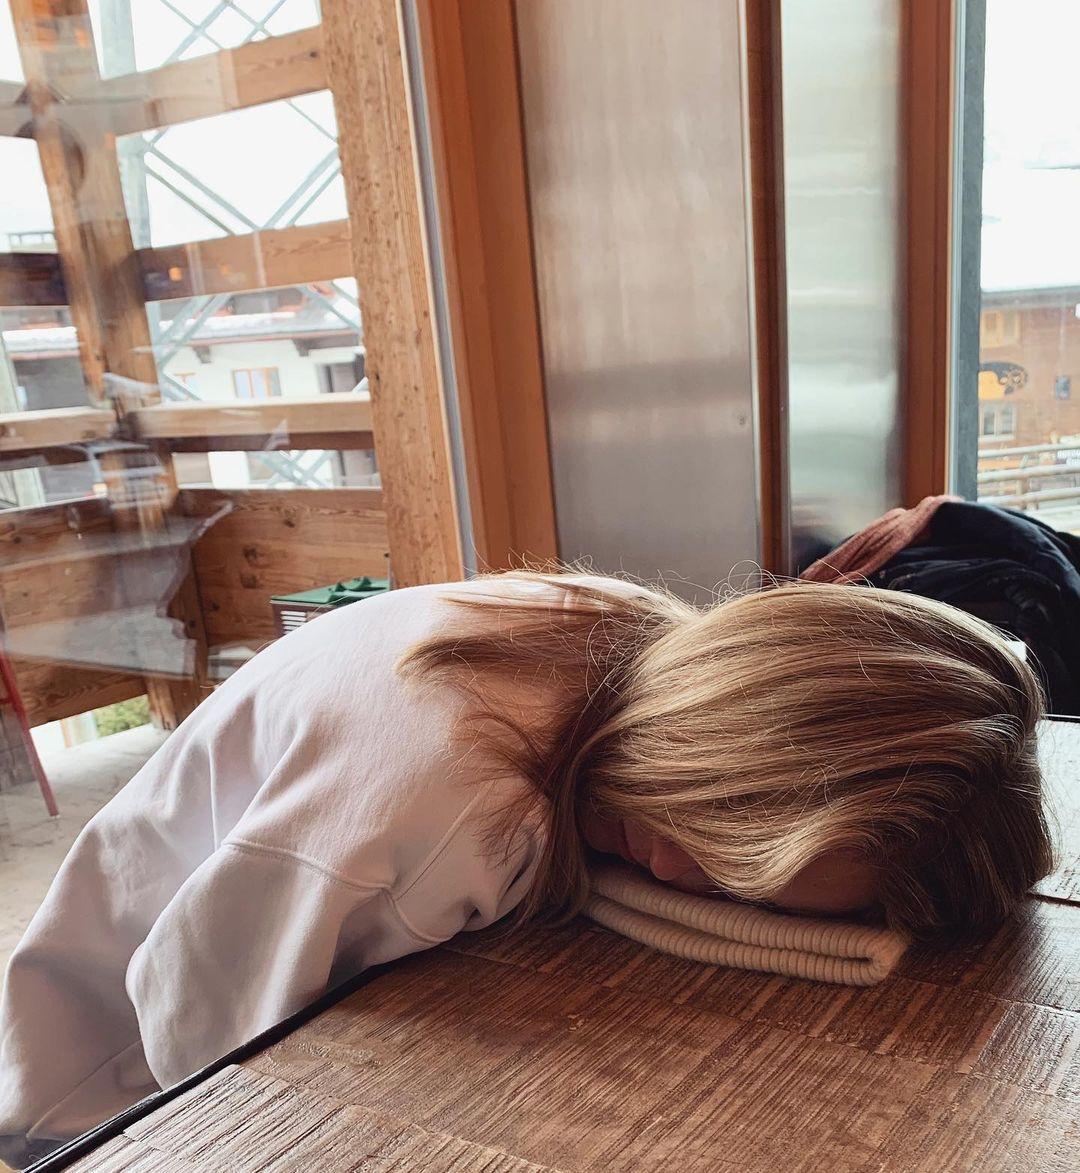 बेली हट्ट ही फिटनेस ट्रेनर आहे. तिला2012 सालापासूननारकोलेप्सी हा आजार आहे. यामुळे तिला दिवसाला16-16 तास झोप लागते. बेलीला तिच्या या आजारामुळे दैनंदिन कामंही करणं अशक्य होतं. शाळा, परीक्षा, कँटीन कुठेही ती झोपायची.(फोटो सौजन्य -bellehutt/इन्स्टाग्राम)